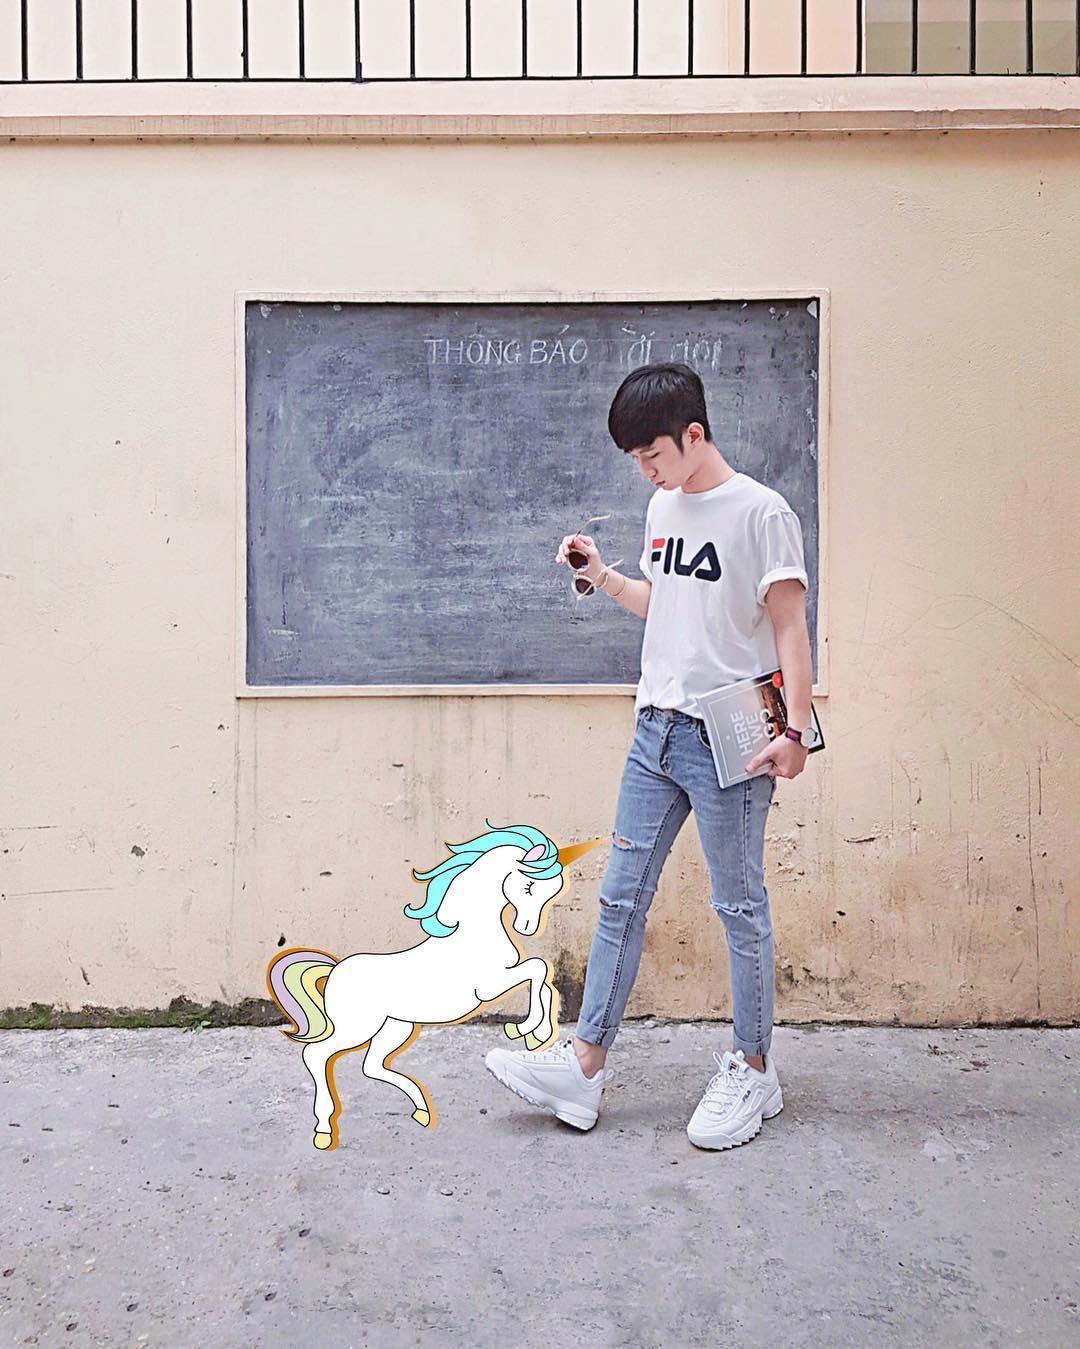 Giới trẻ châu Á người người nhà nhà đang diện T-shirt và sneaker Fila chất phát ngất ra sao? - Ảnh 12.